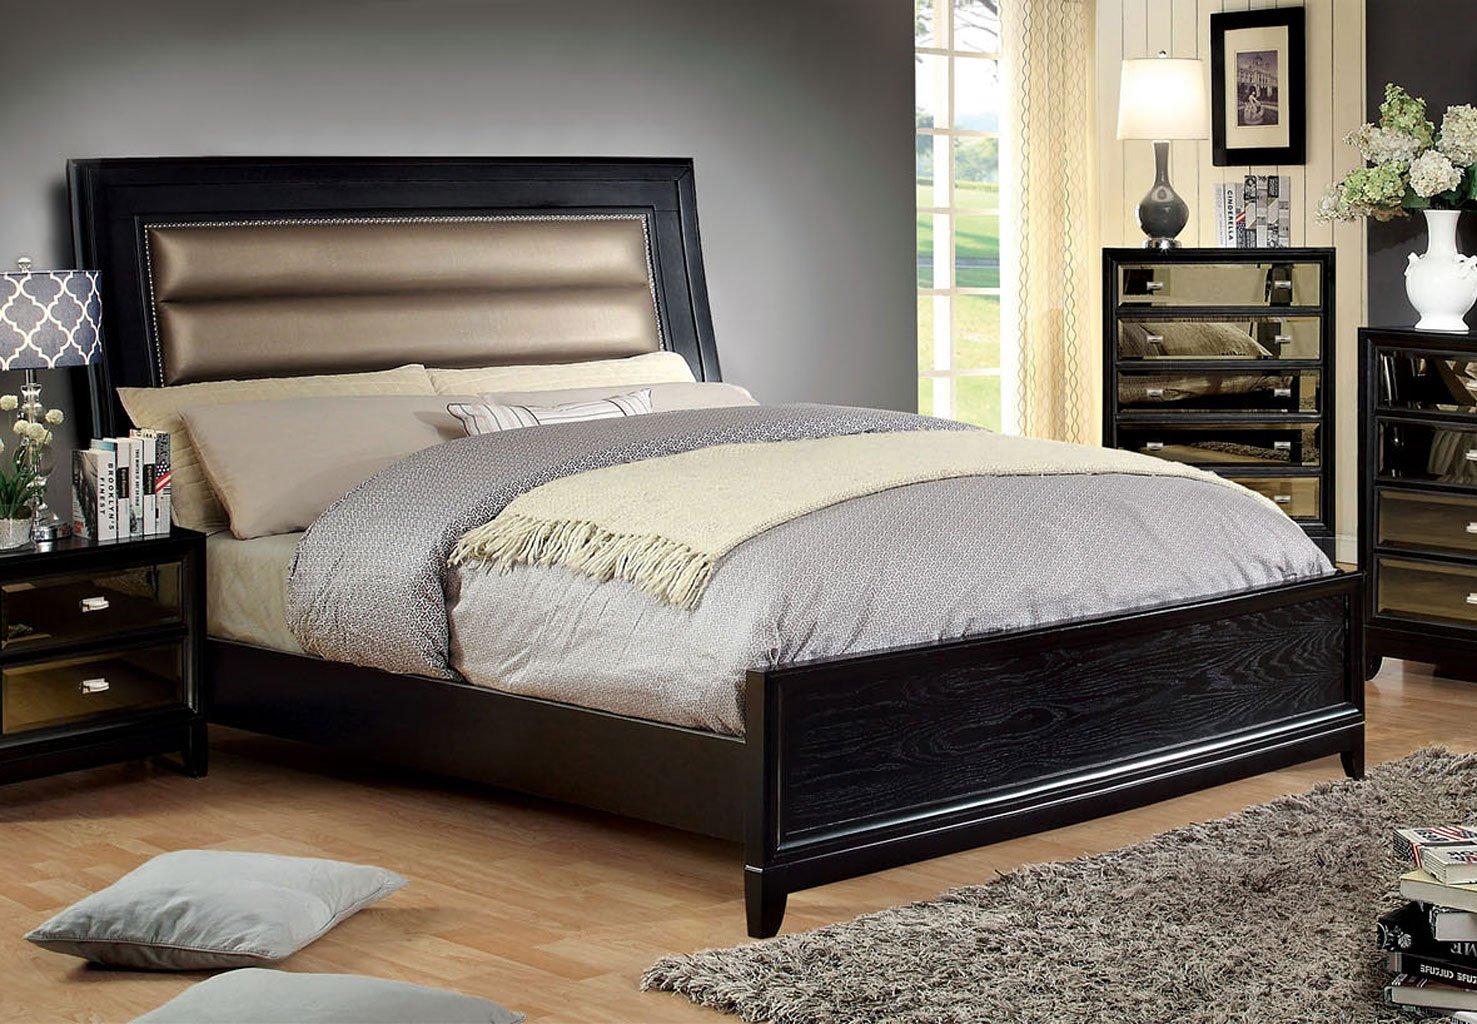 Golva Low Profile Bed Black Beds Bedroom Furniture